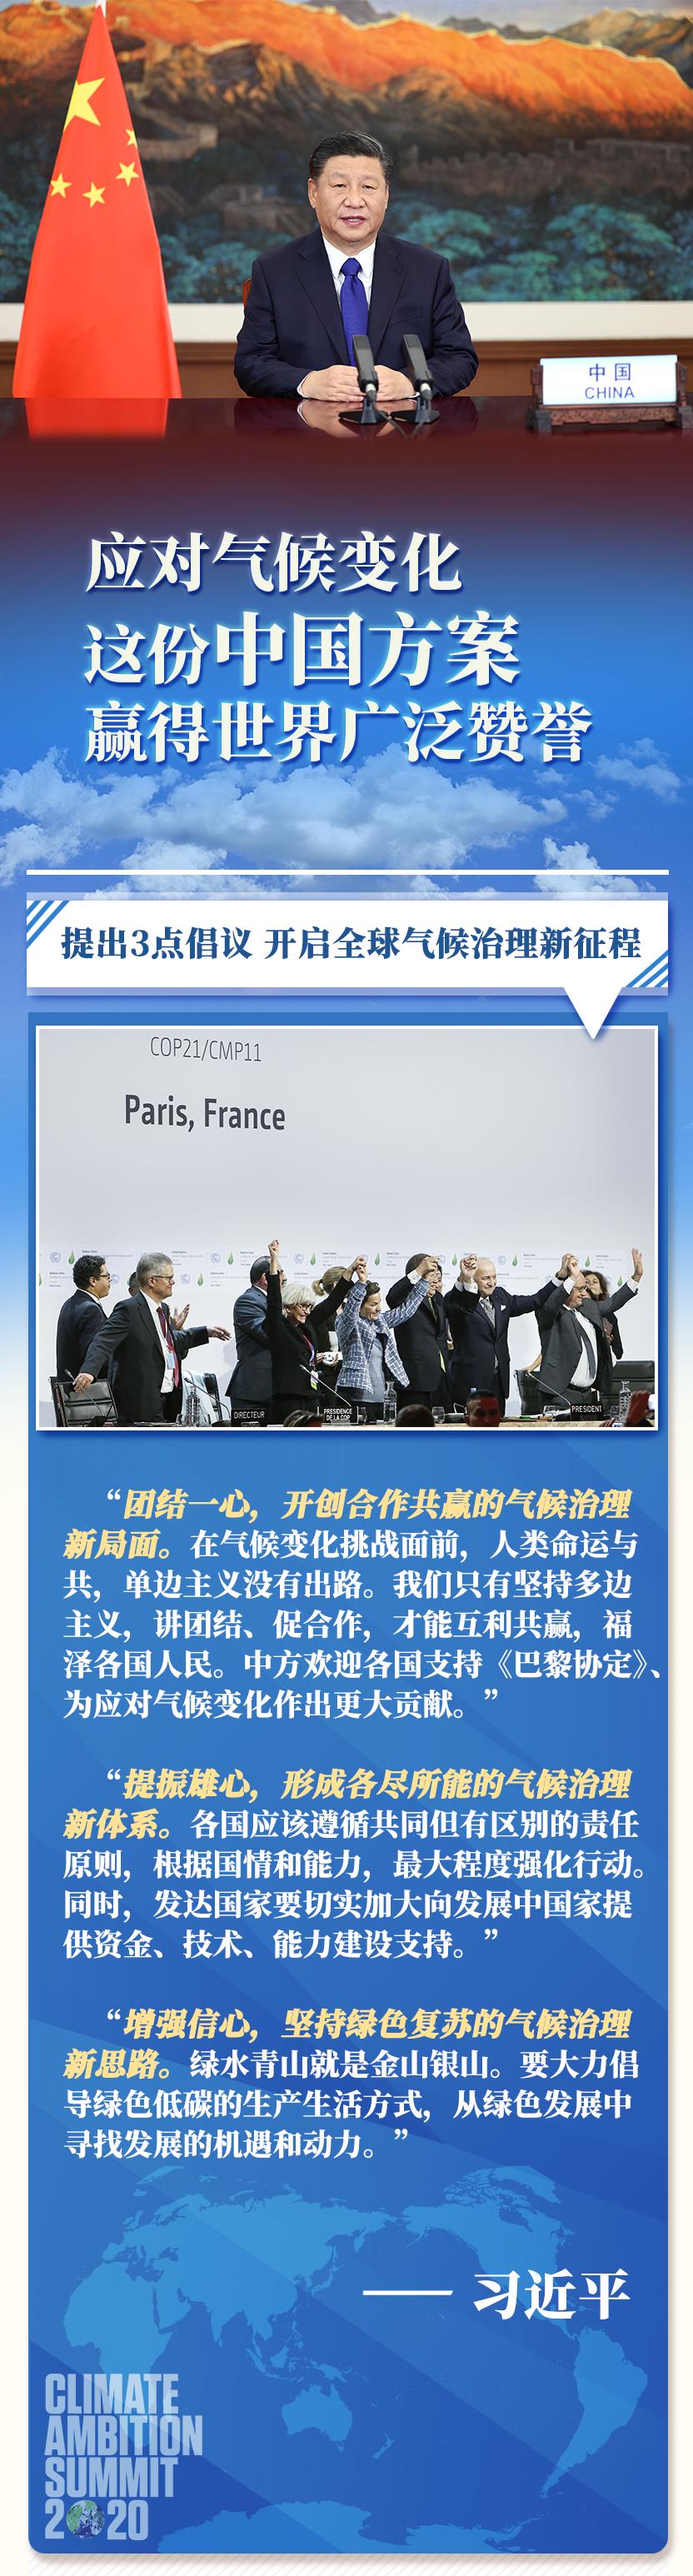 第一报道 | 应对气候变化 这份中国方案赢得世界广泛赞誉